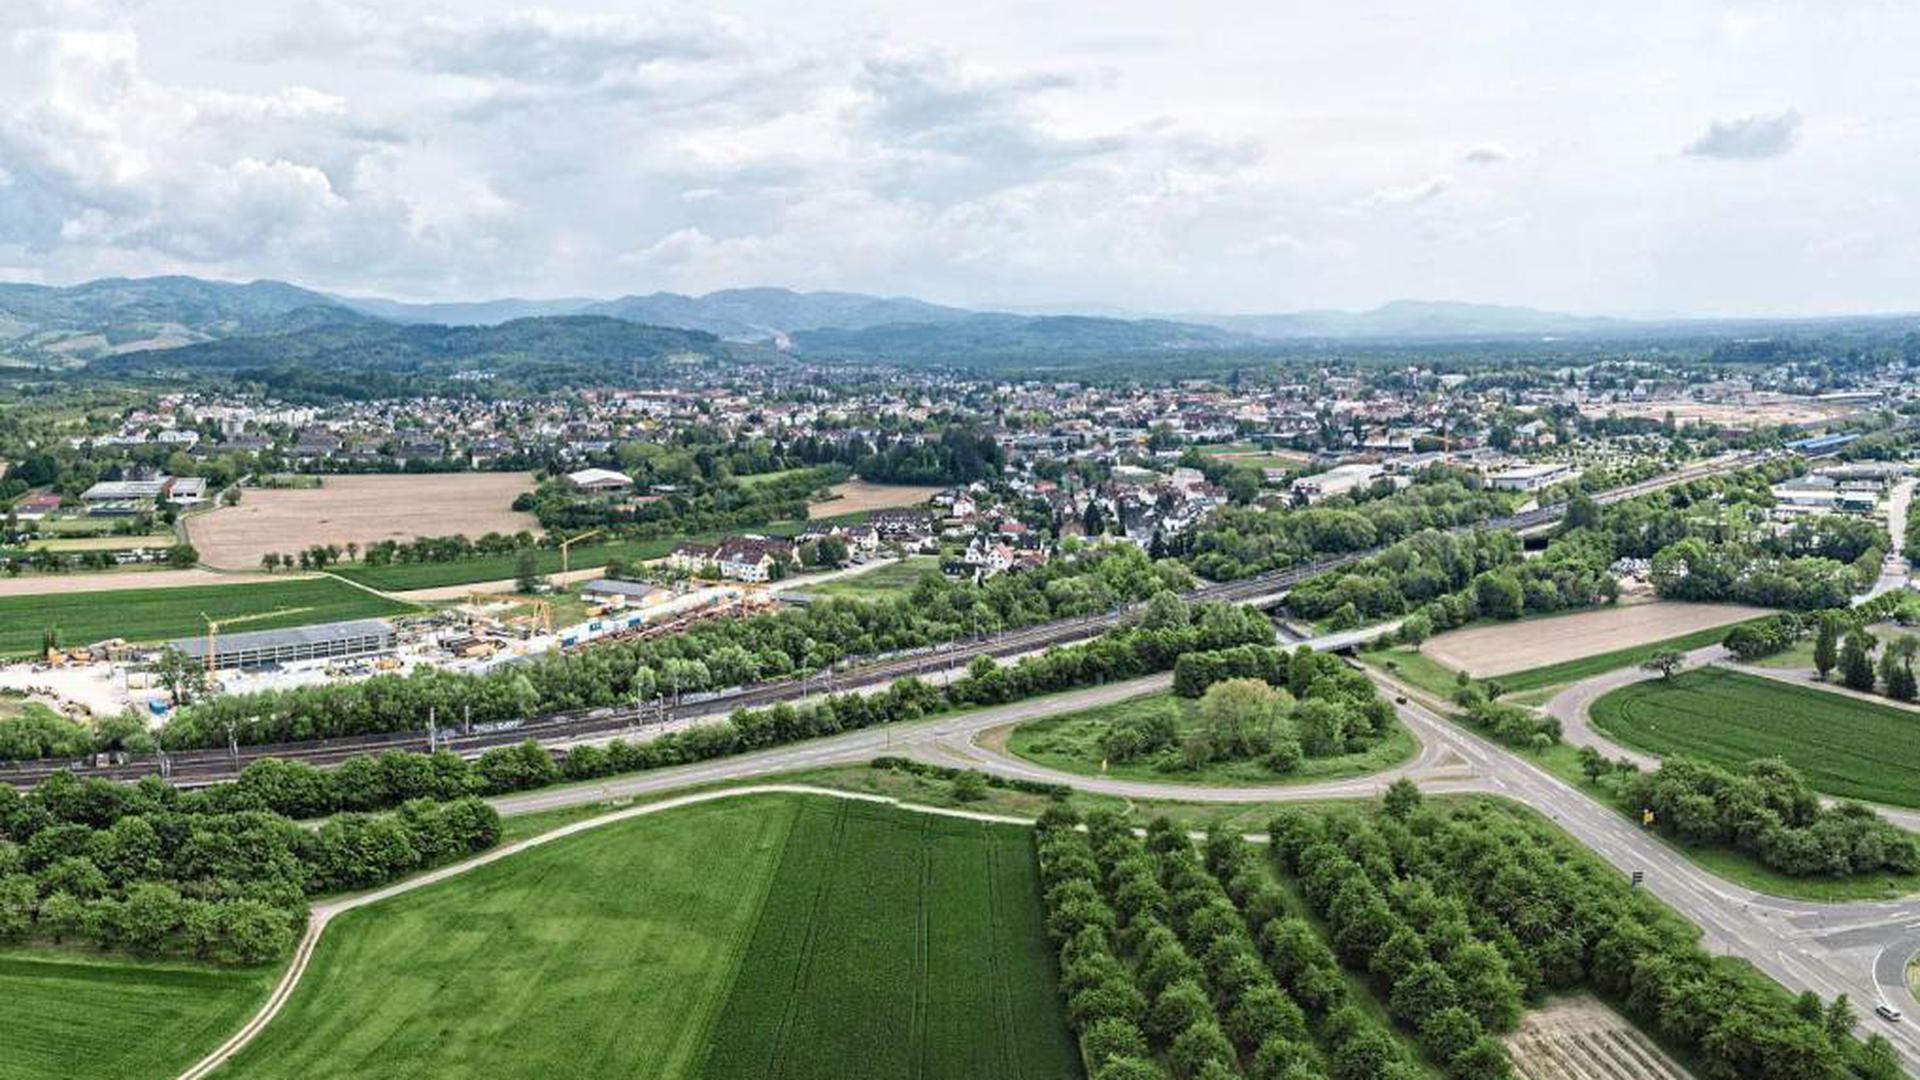 """Die Nordosttangente ist ein zentraler Bestandteil des Masterplans. Die neue Straße soll über oder unter Bahn und Bundesstraße 3 (im Bild unten) führen und den geplanten Klinikstandort im """"Brachfeld"""" erschließen."""